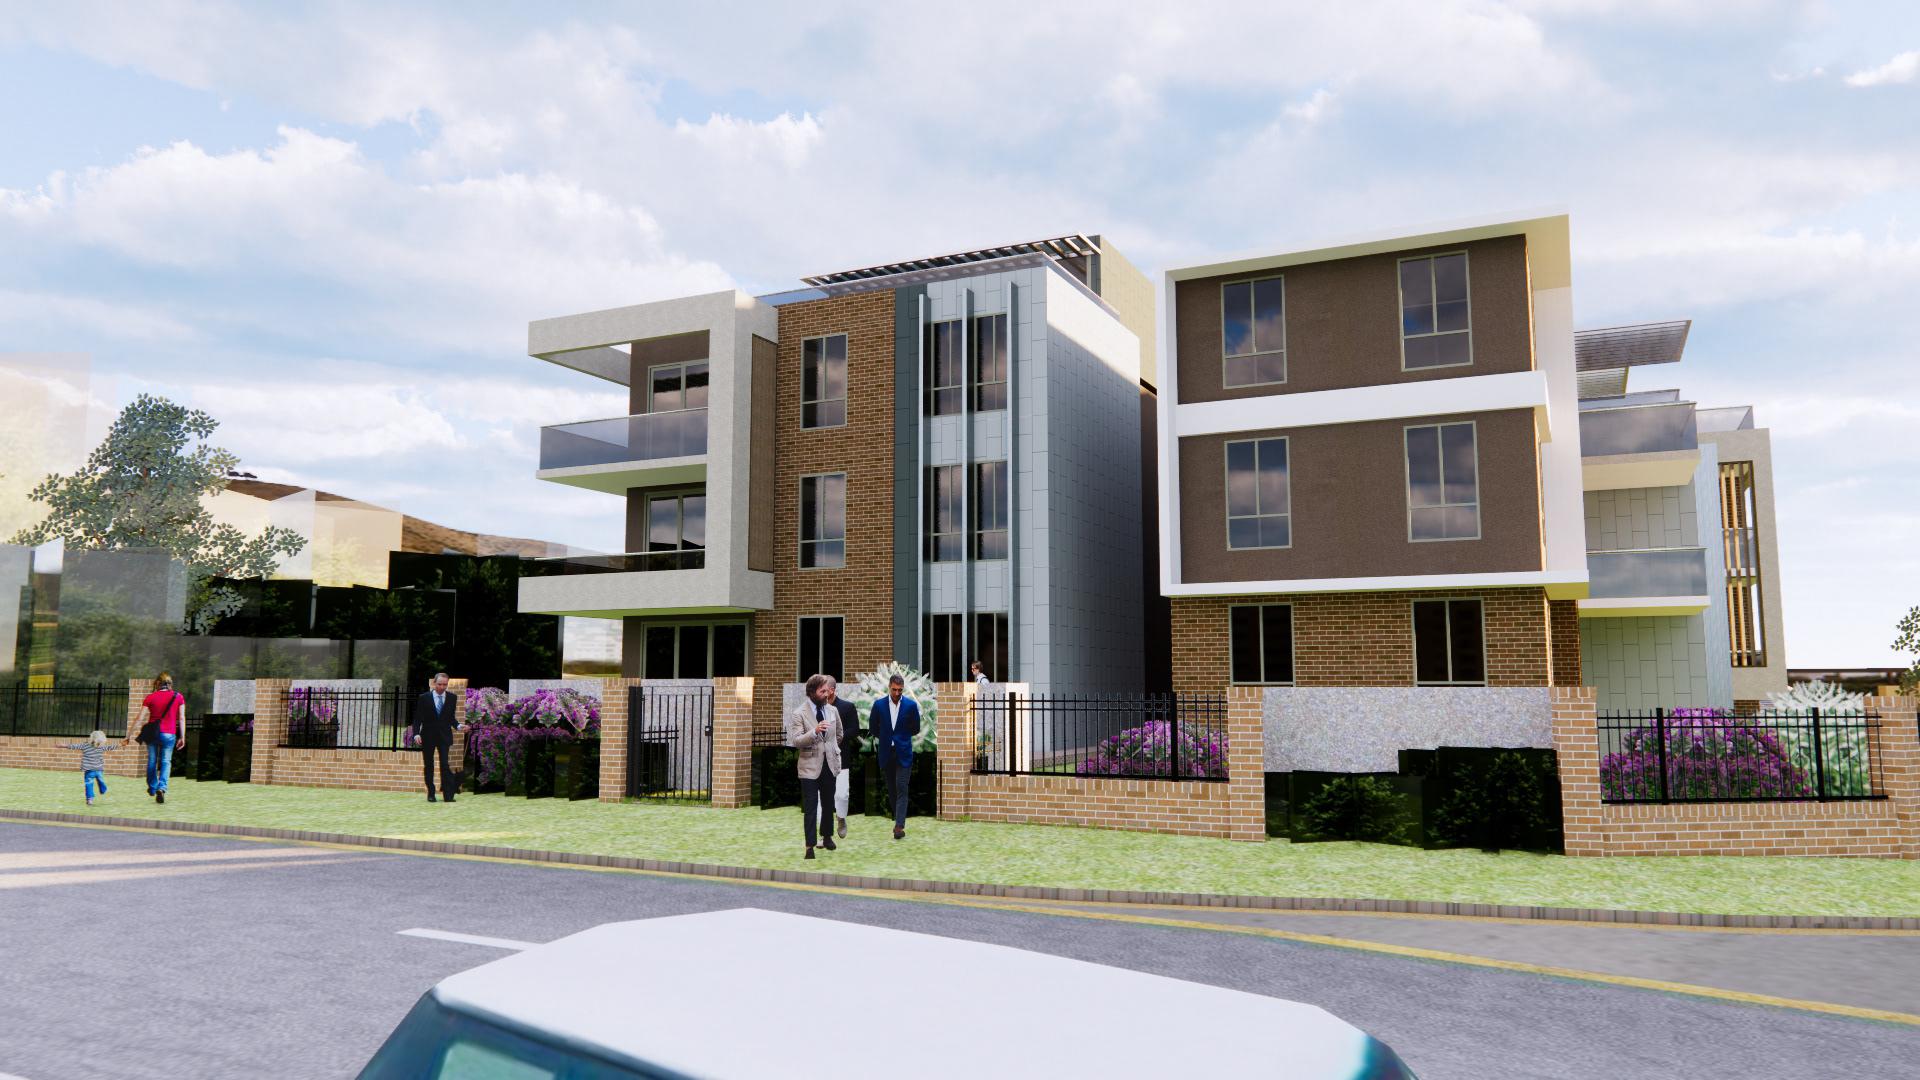 واجهات عمارات سكنية صغيرة from pro2-bar-s3-cdn-cf3.myportfolio.com